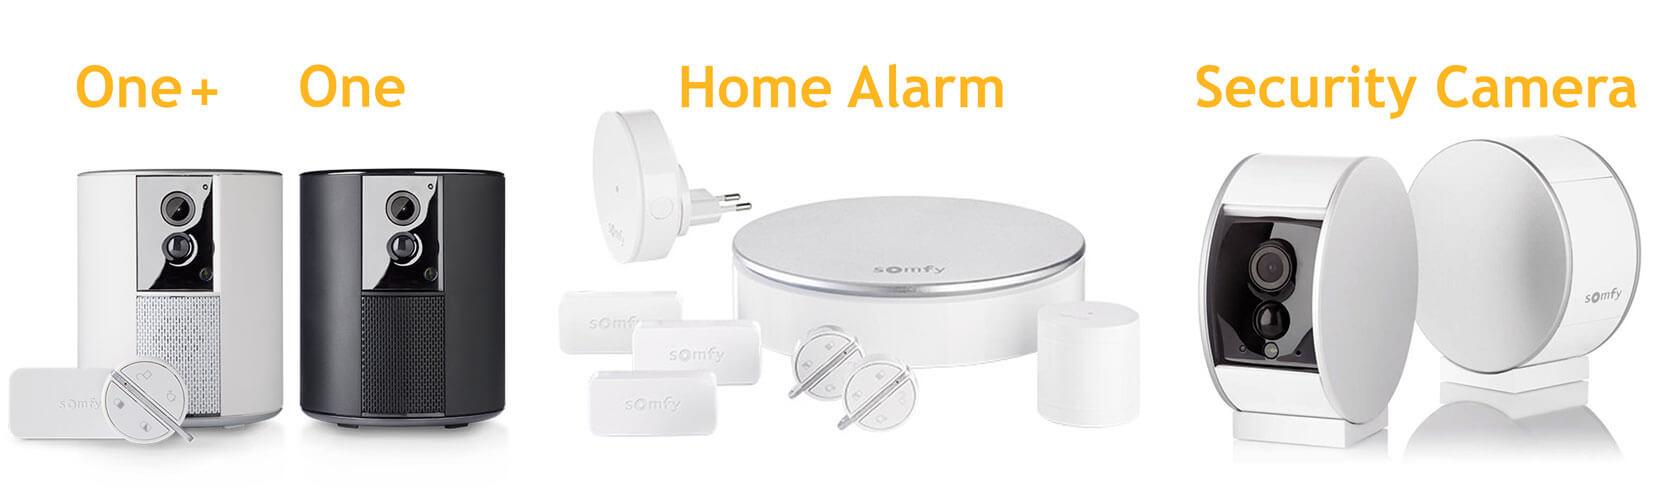 Comparatif Des Alarmes Maison Sans Fil Connect Es Somfy Protect